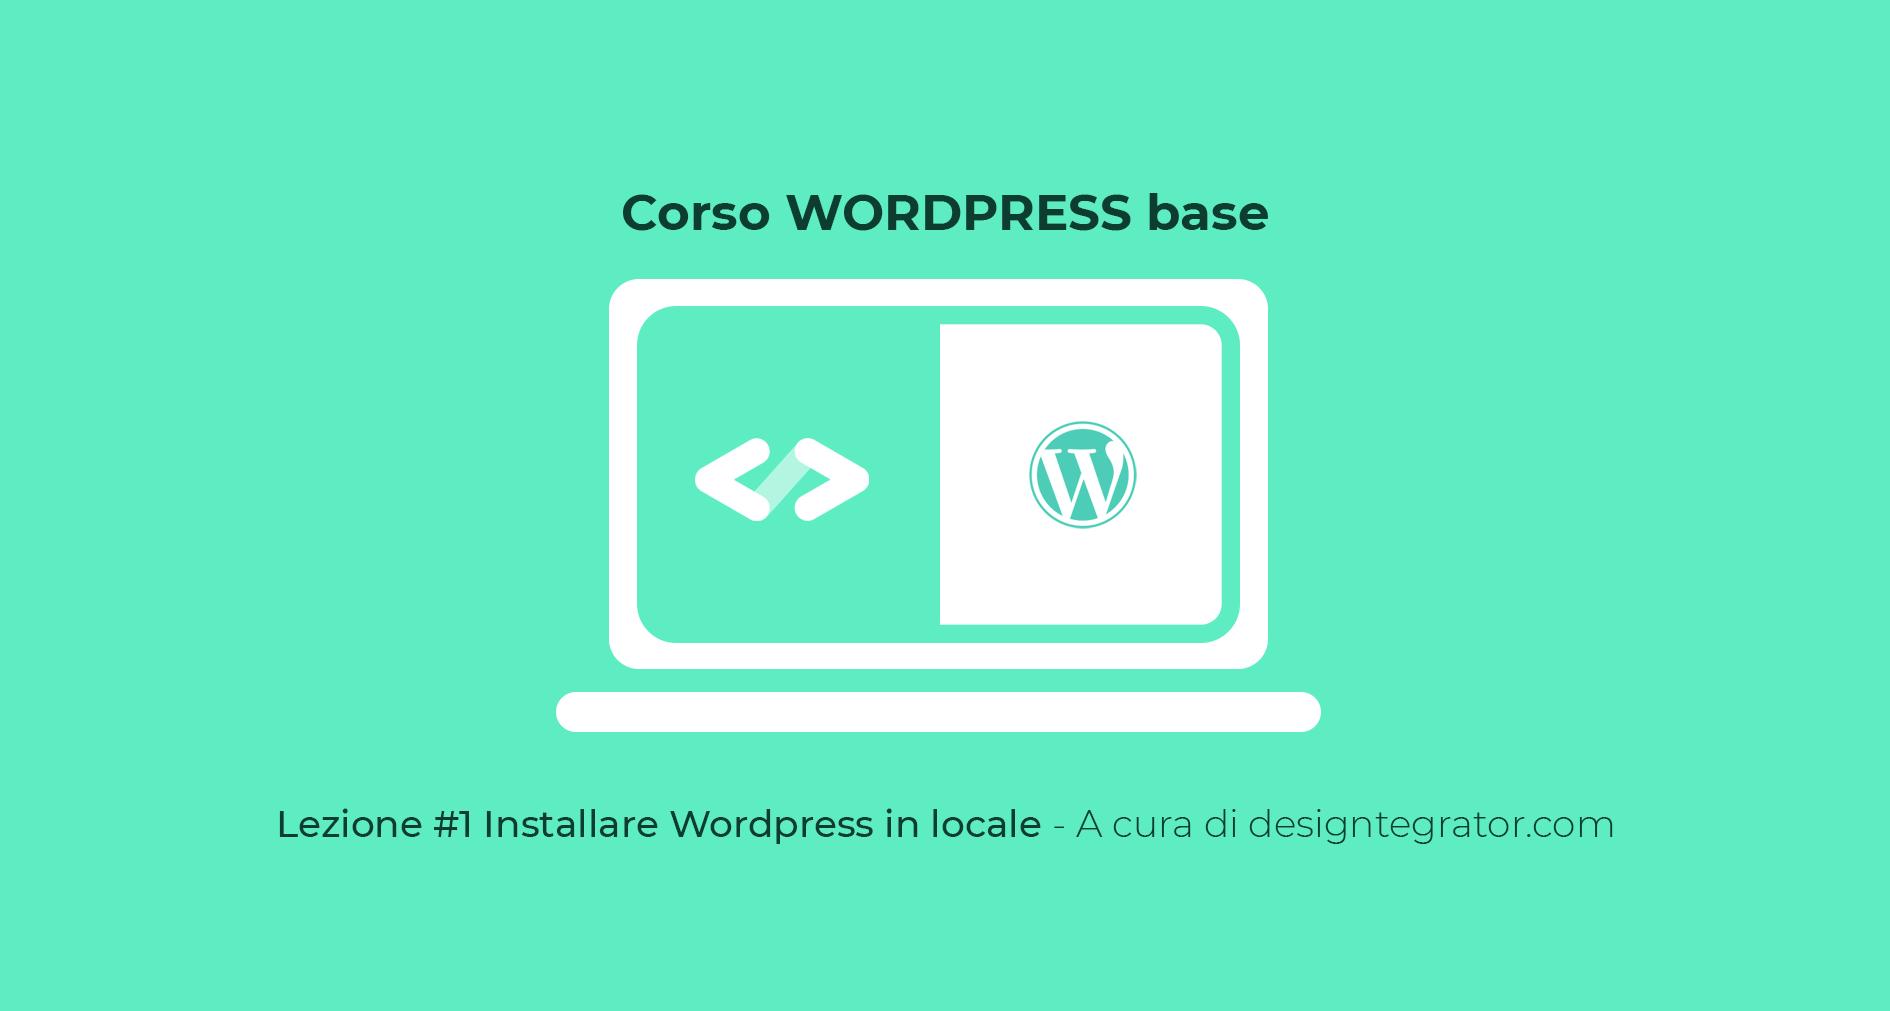 corso wordpress base - installare wordpress in locale